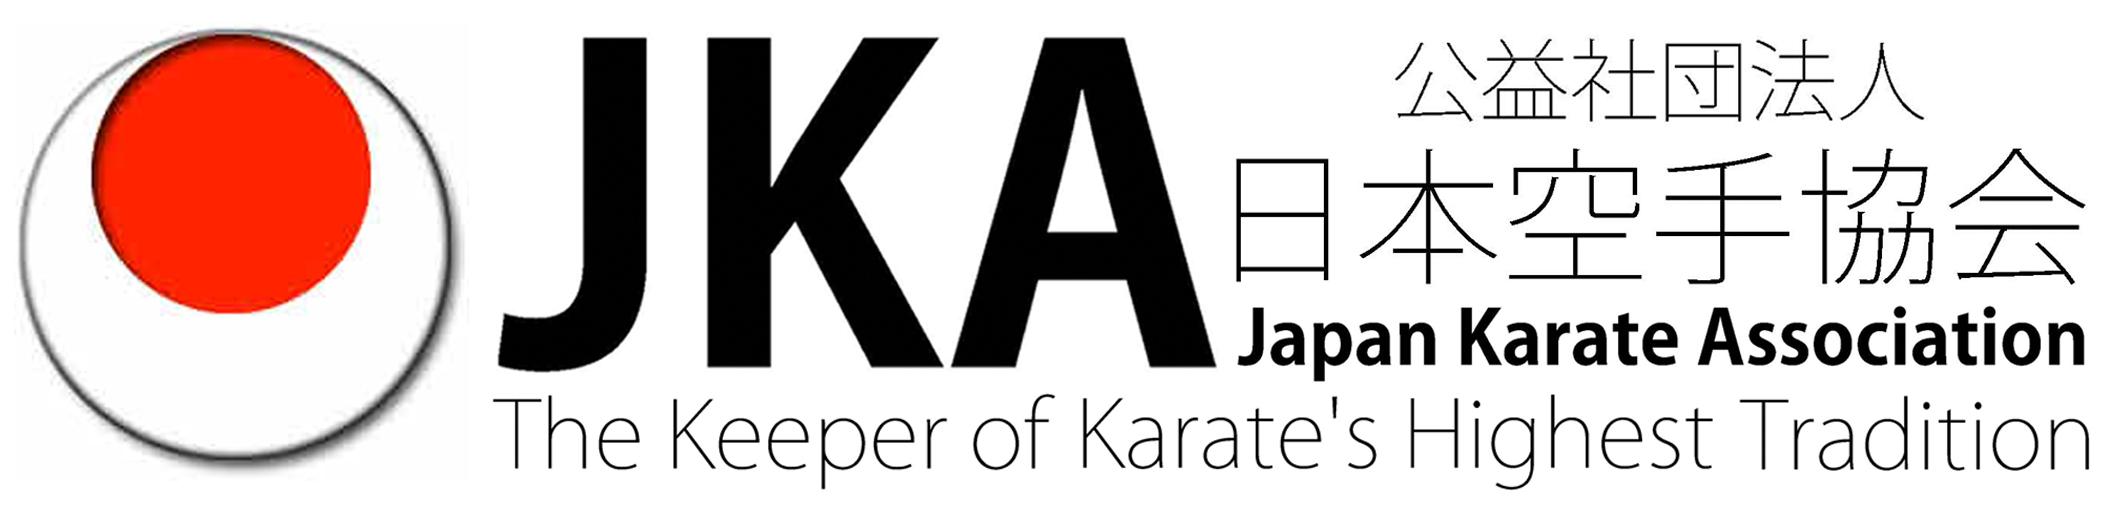 Resultado de imagen de japan karate association